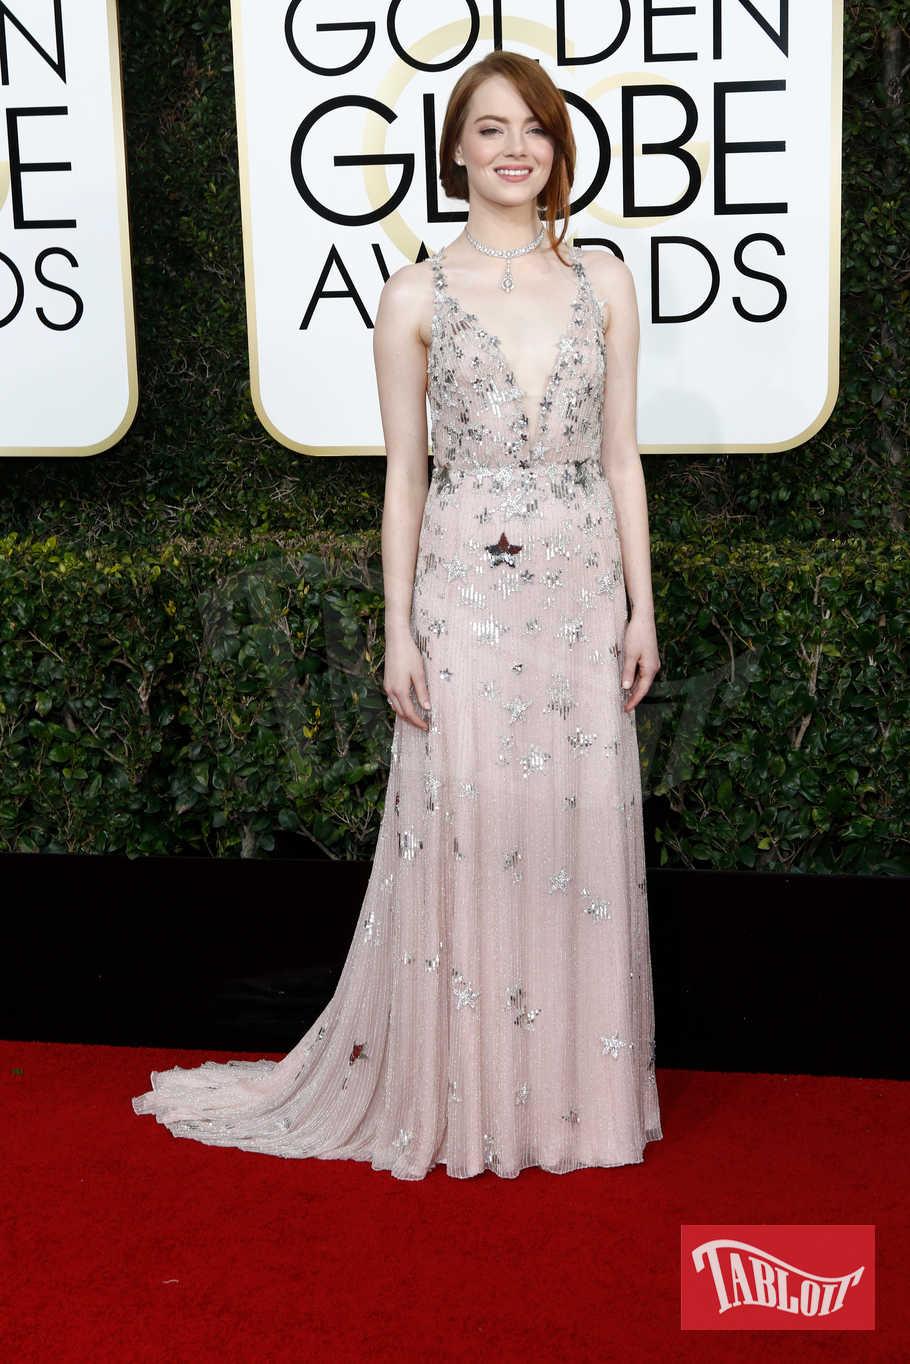 """L'anno scorso Emma Stone vinse il globo d'oro come Miglior attrice protagonista per """"La La Land"""". L'attrice è in concorso anche quest'anno con """"La battaglia dei sessi"""": doppietta in arrivo?"""